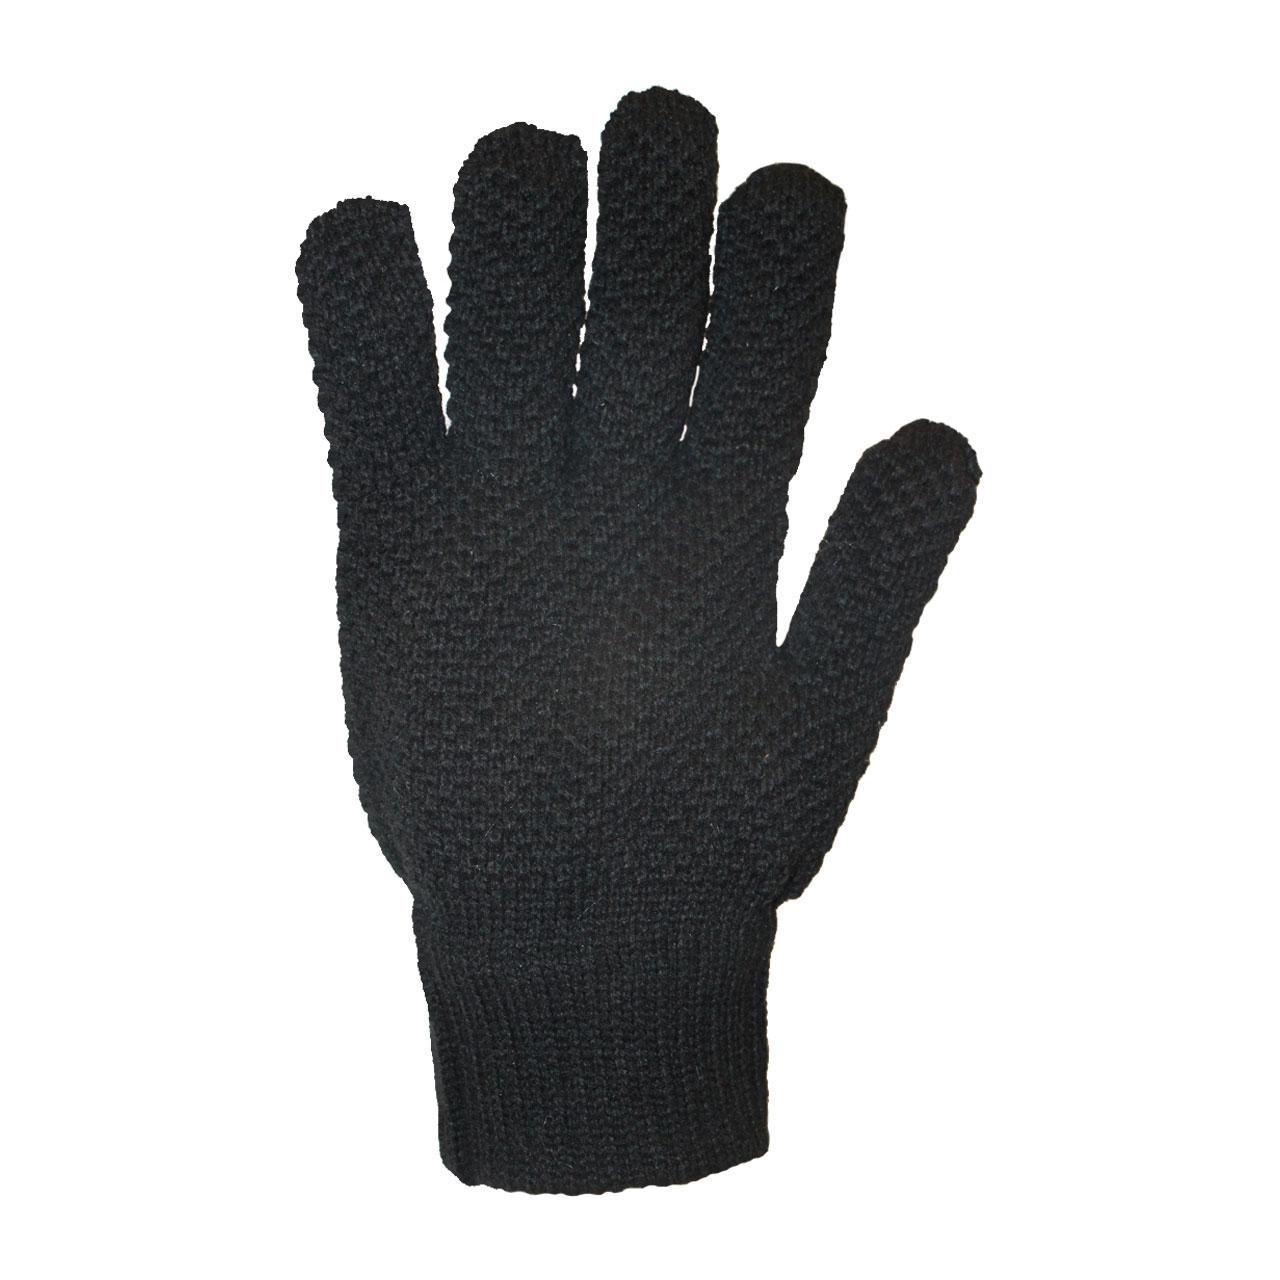 دستکش بافتنی مردانه مدل IGD بسته 5 جفتی